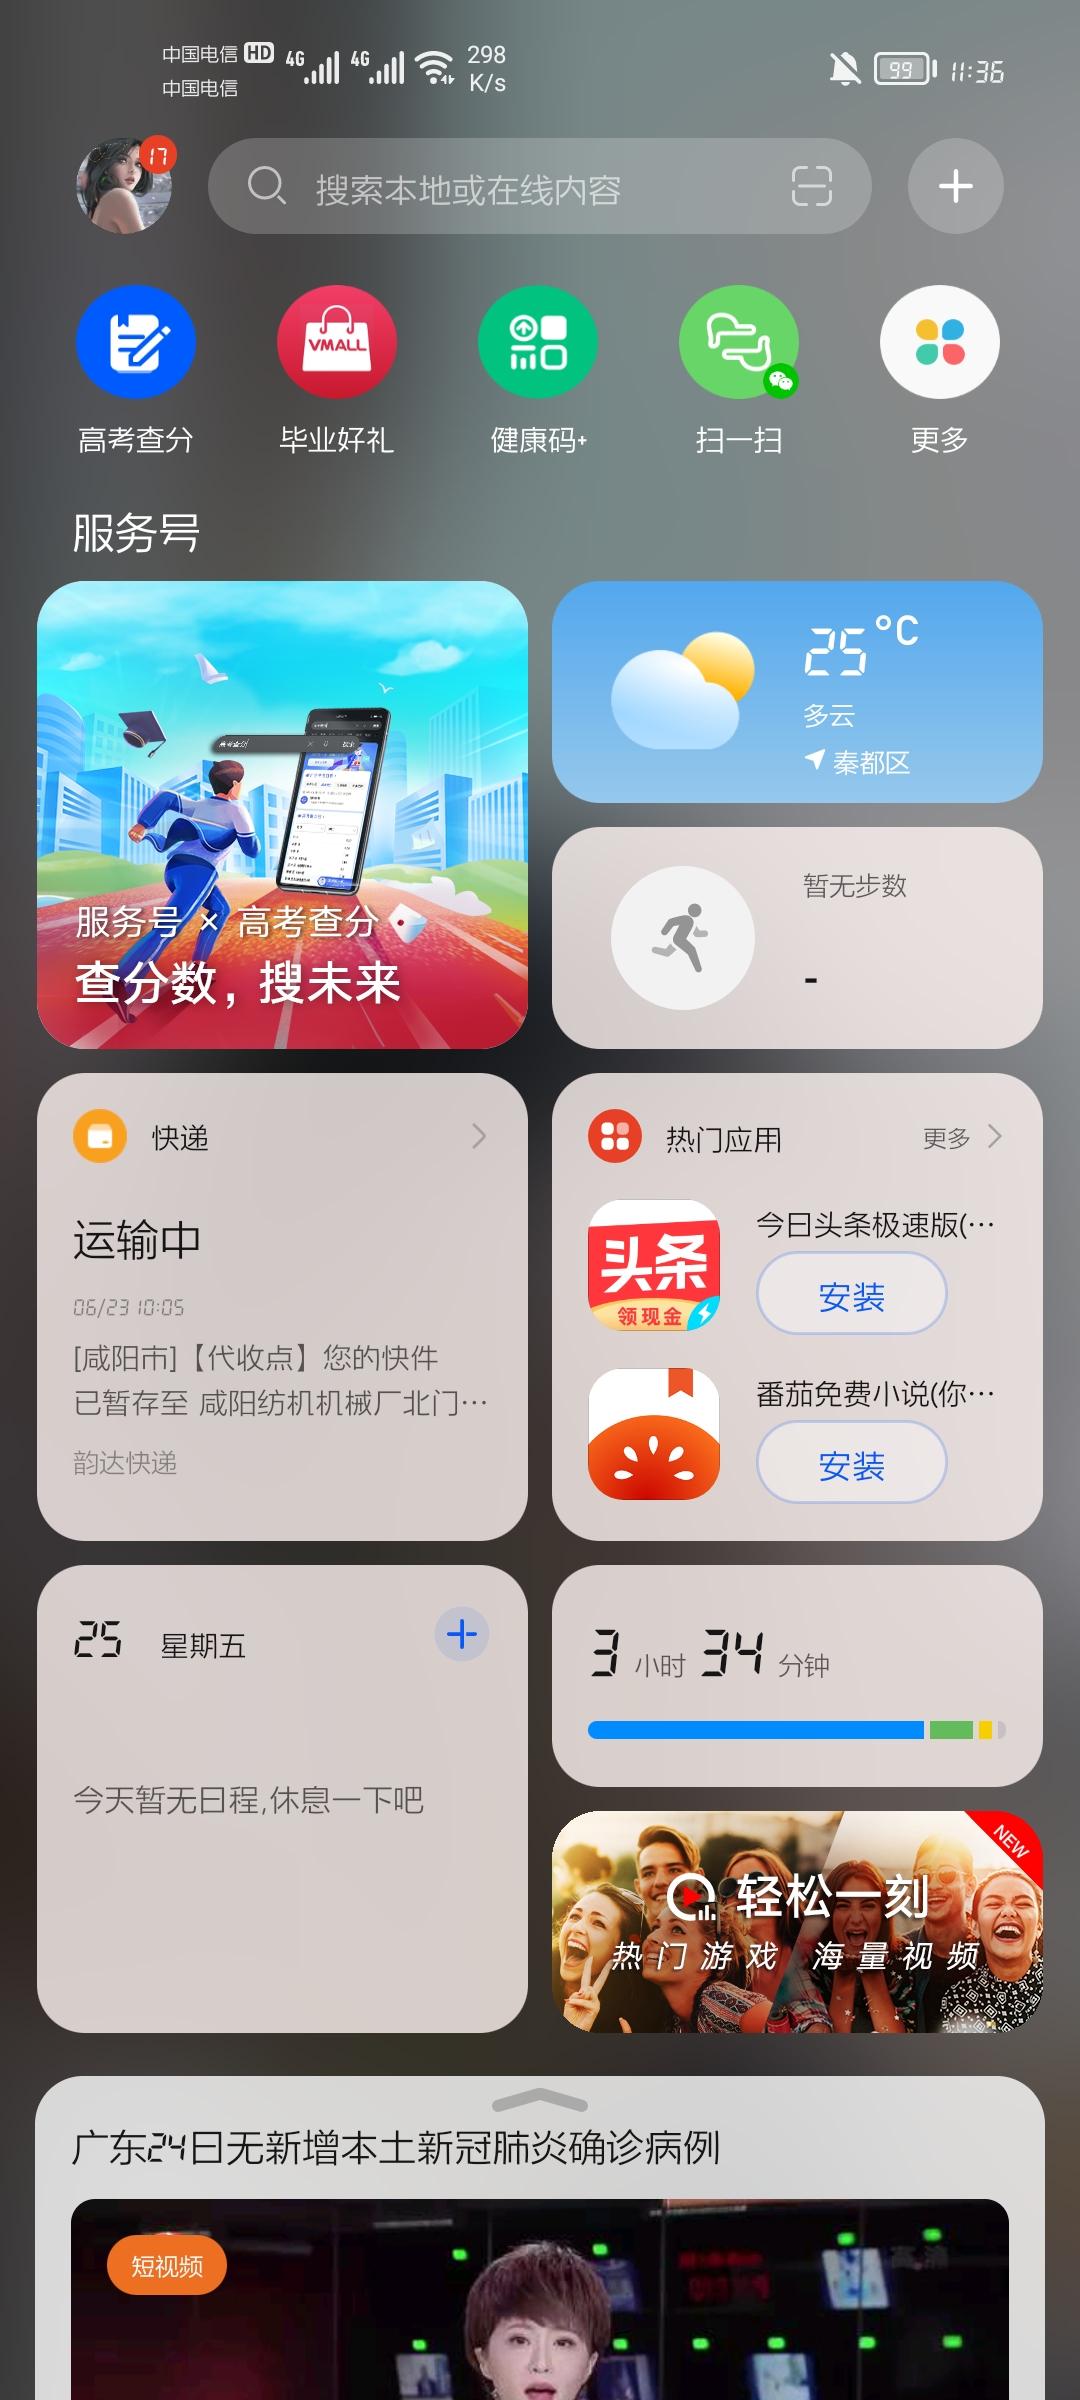 Screenshot_20210625_113632_com.huawei.android.launcher.jpg